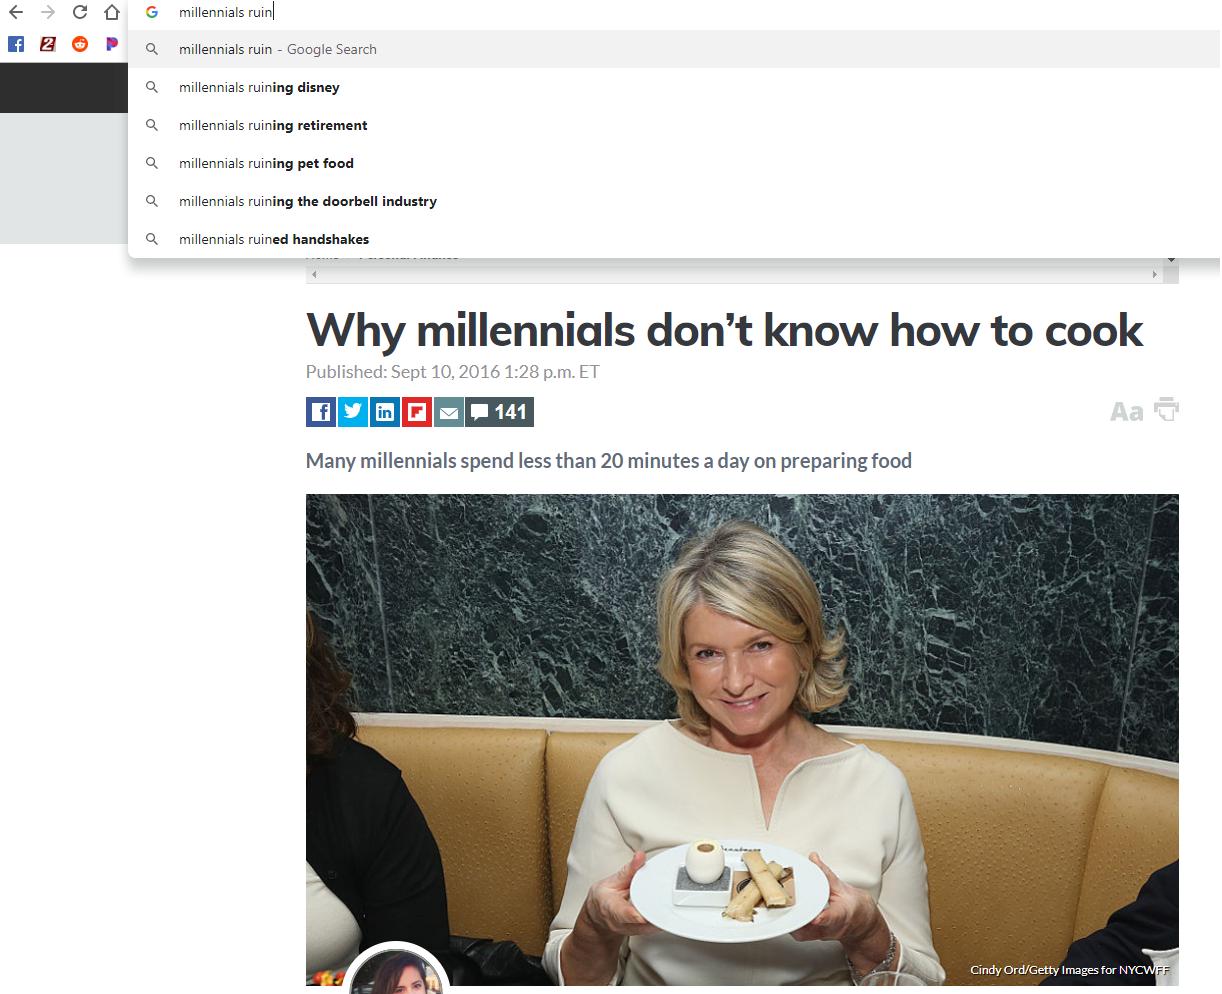 Damn lazy millennials!